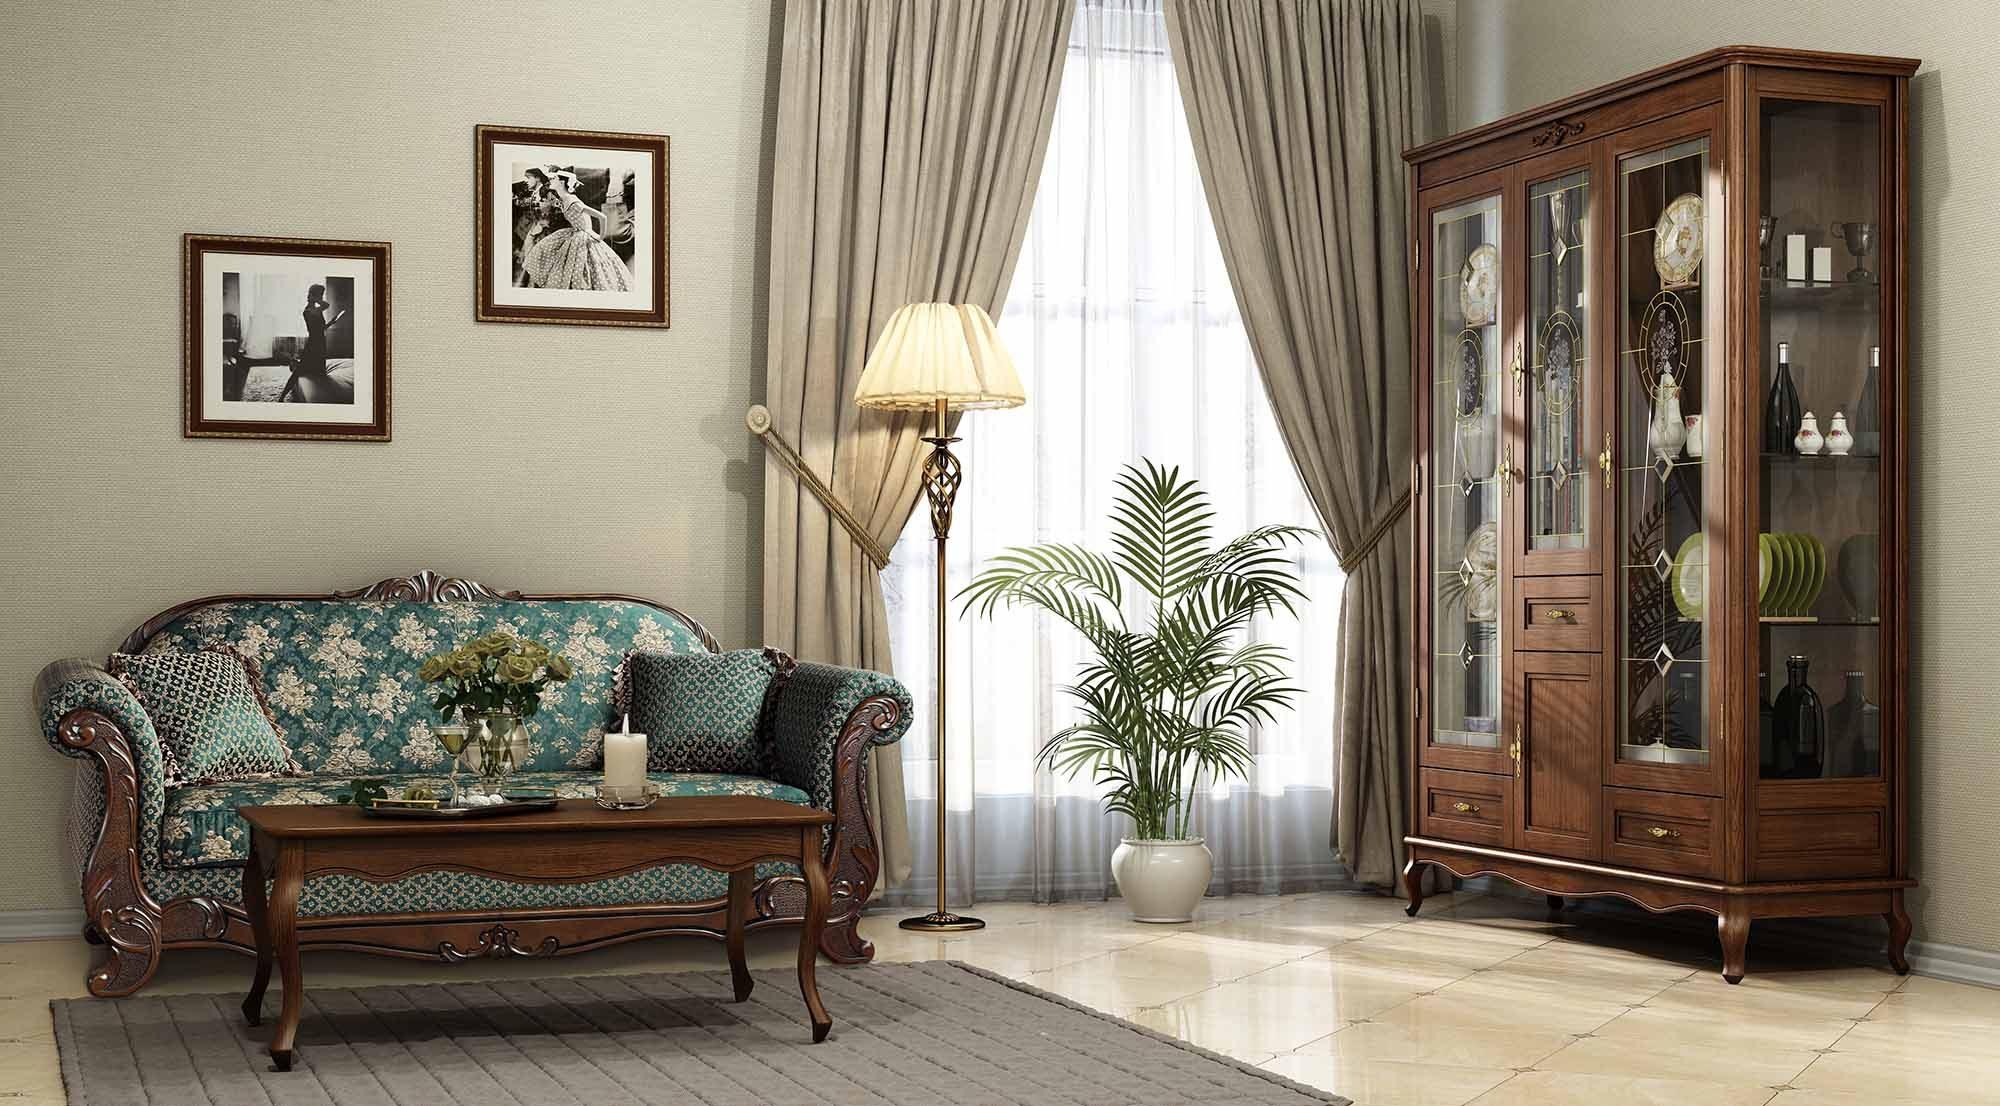 palermo_livingroom_4-e1500550311865